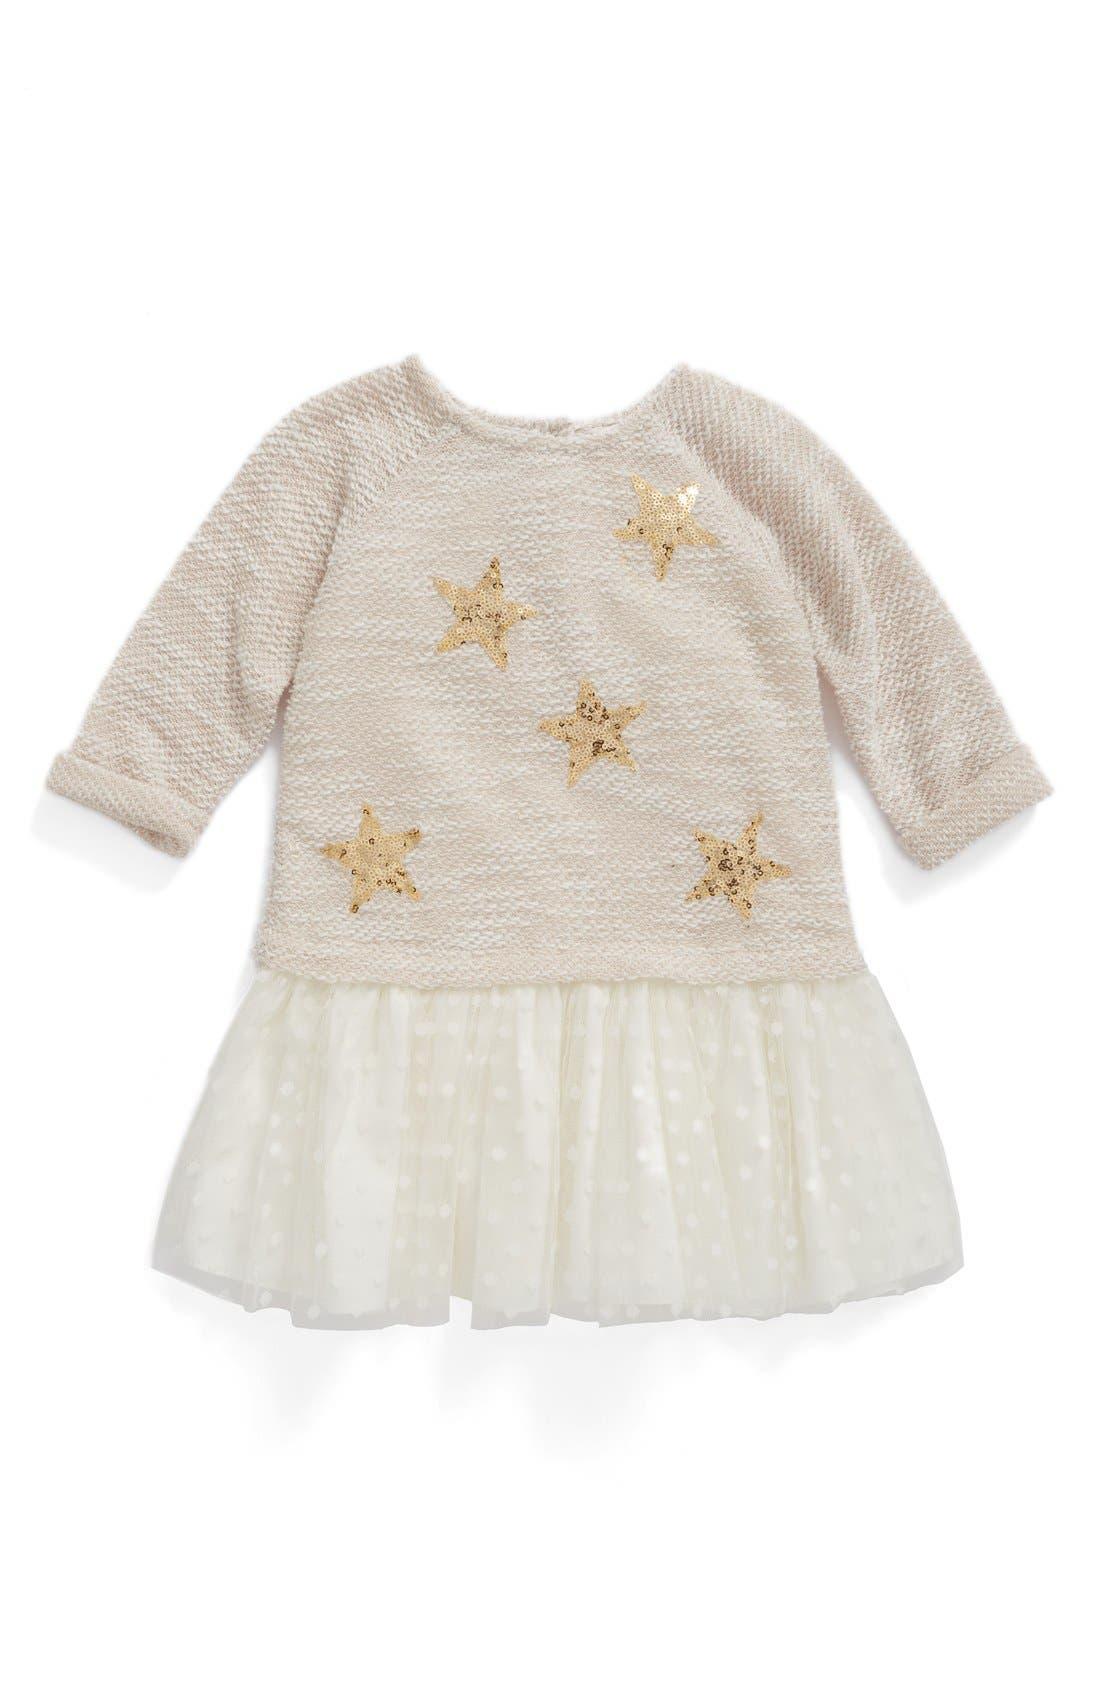 Alternate Image 1 Selected - Pippa & Julie Sequin Star Drop Waist Dress (Baby Girls)